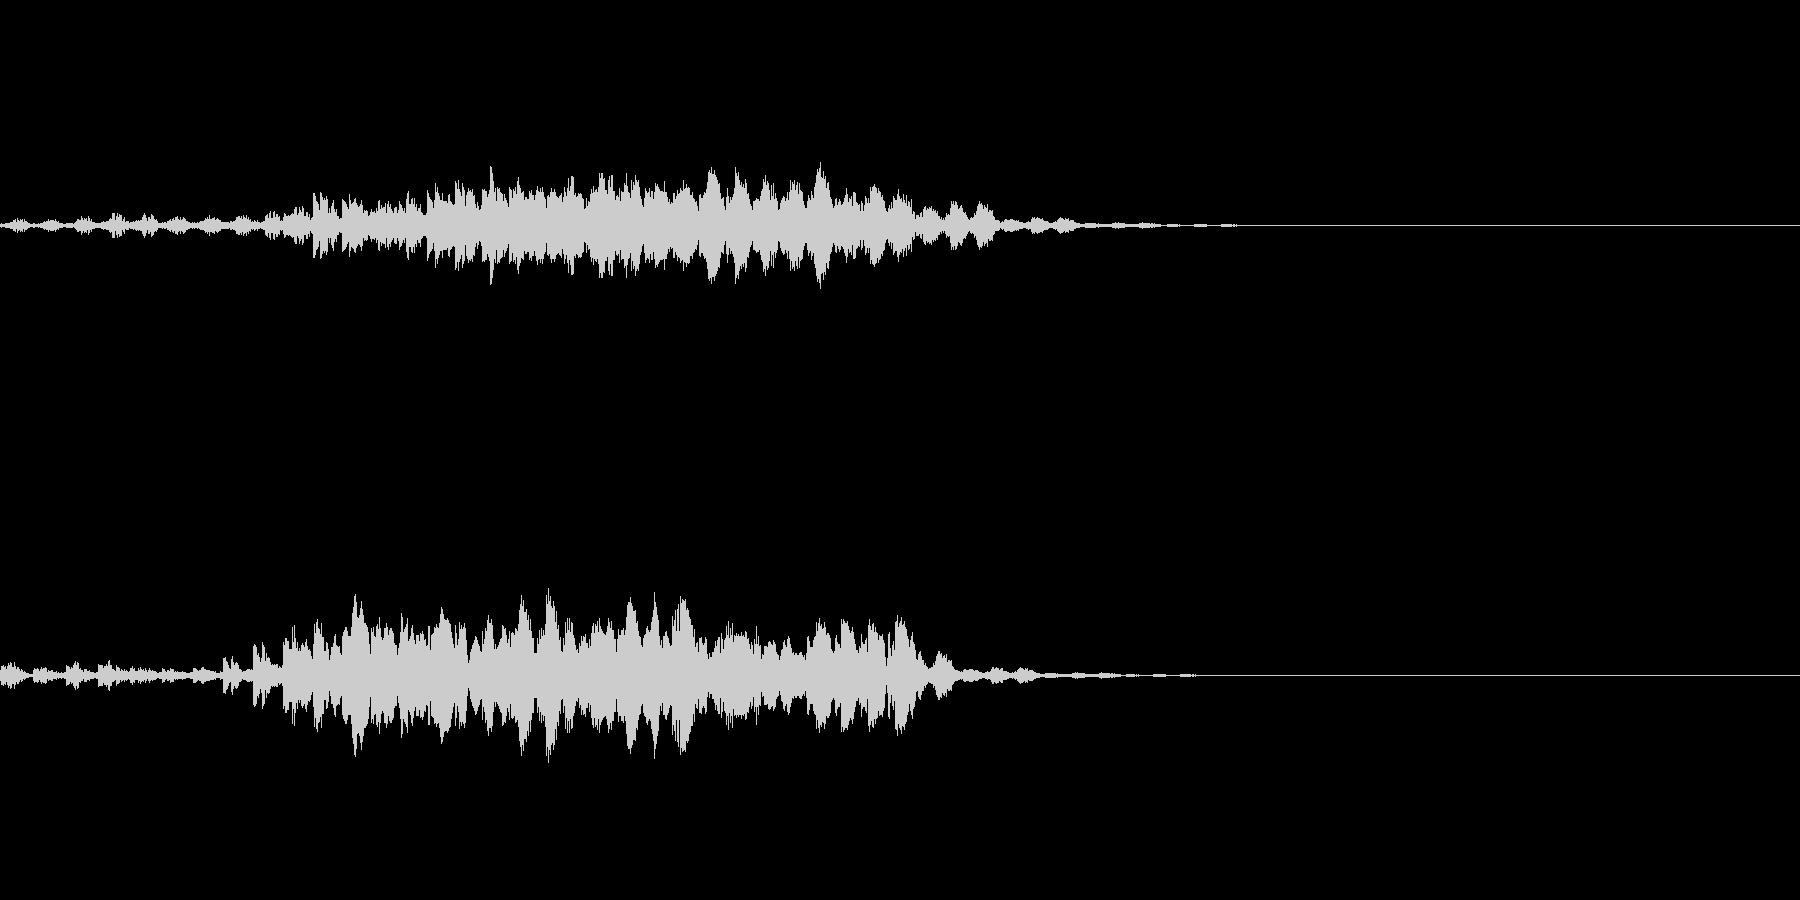 瞬間移動/回想シーン/タイムワープ Bの未再生の波形